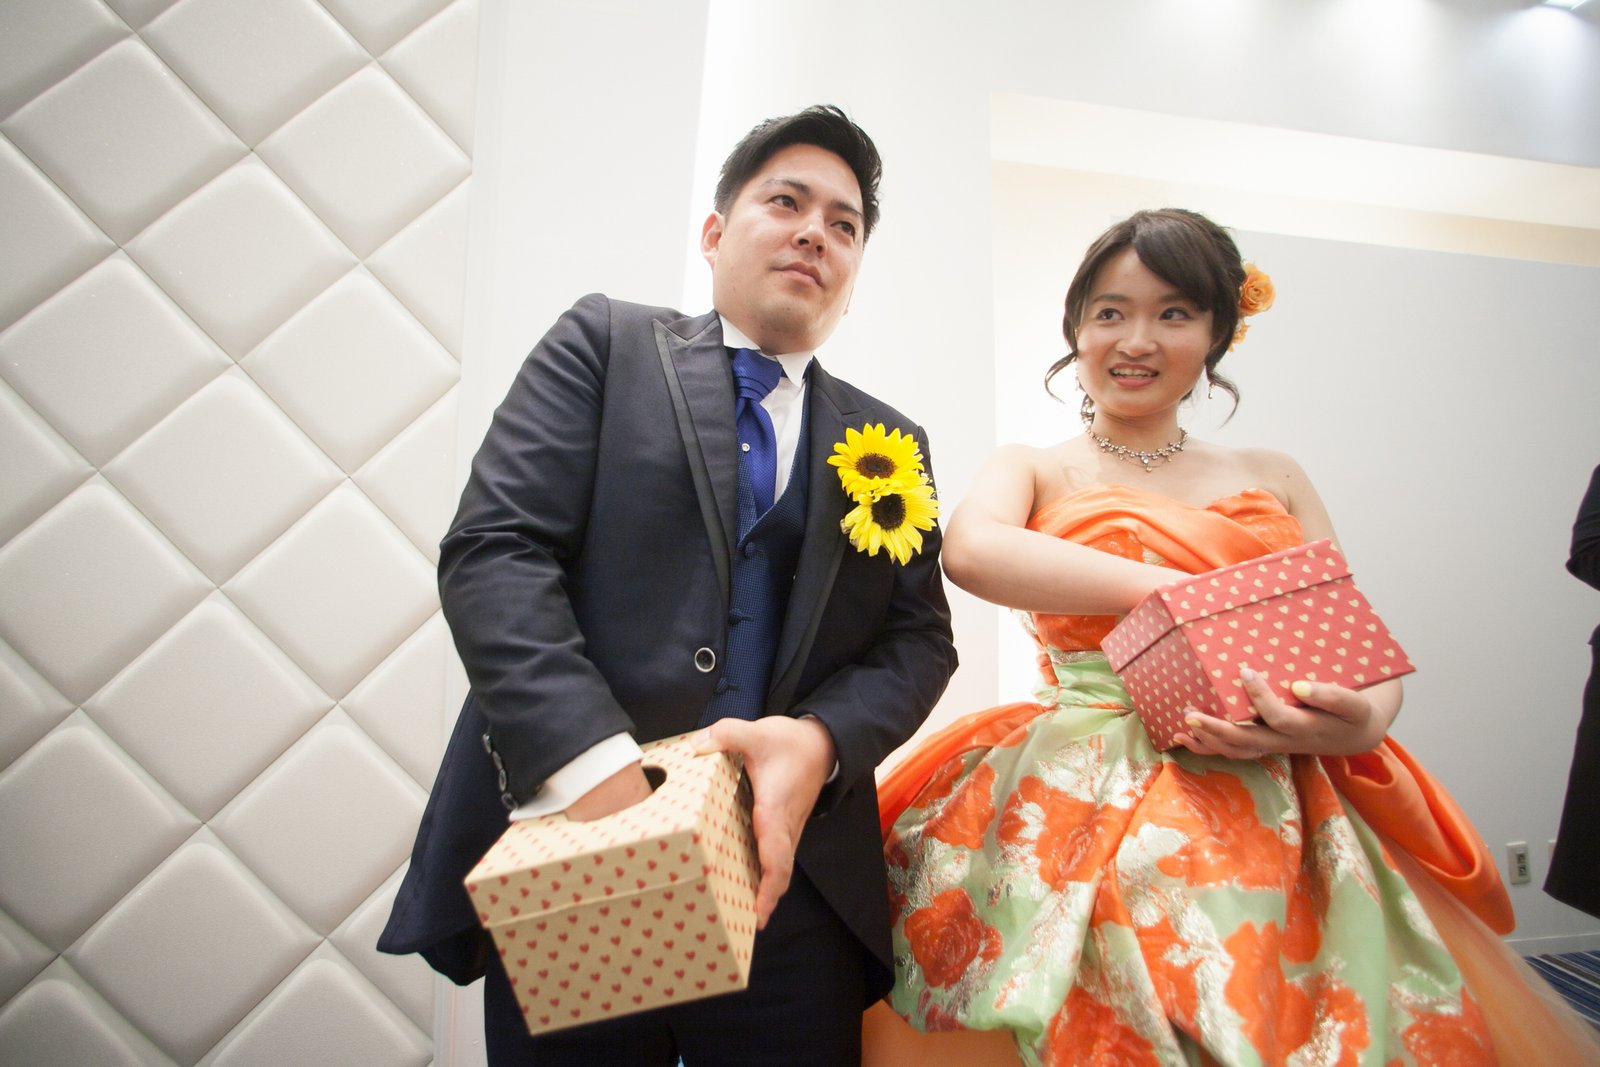 香川県の結婚式場シェルメール&アイスタイルのドレス色当てクイズ